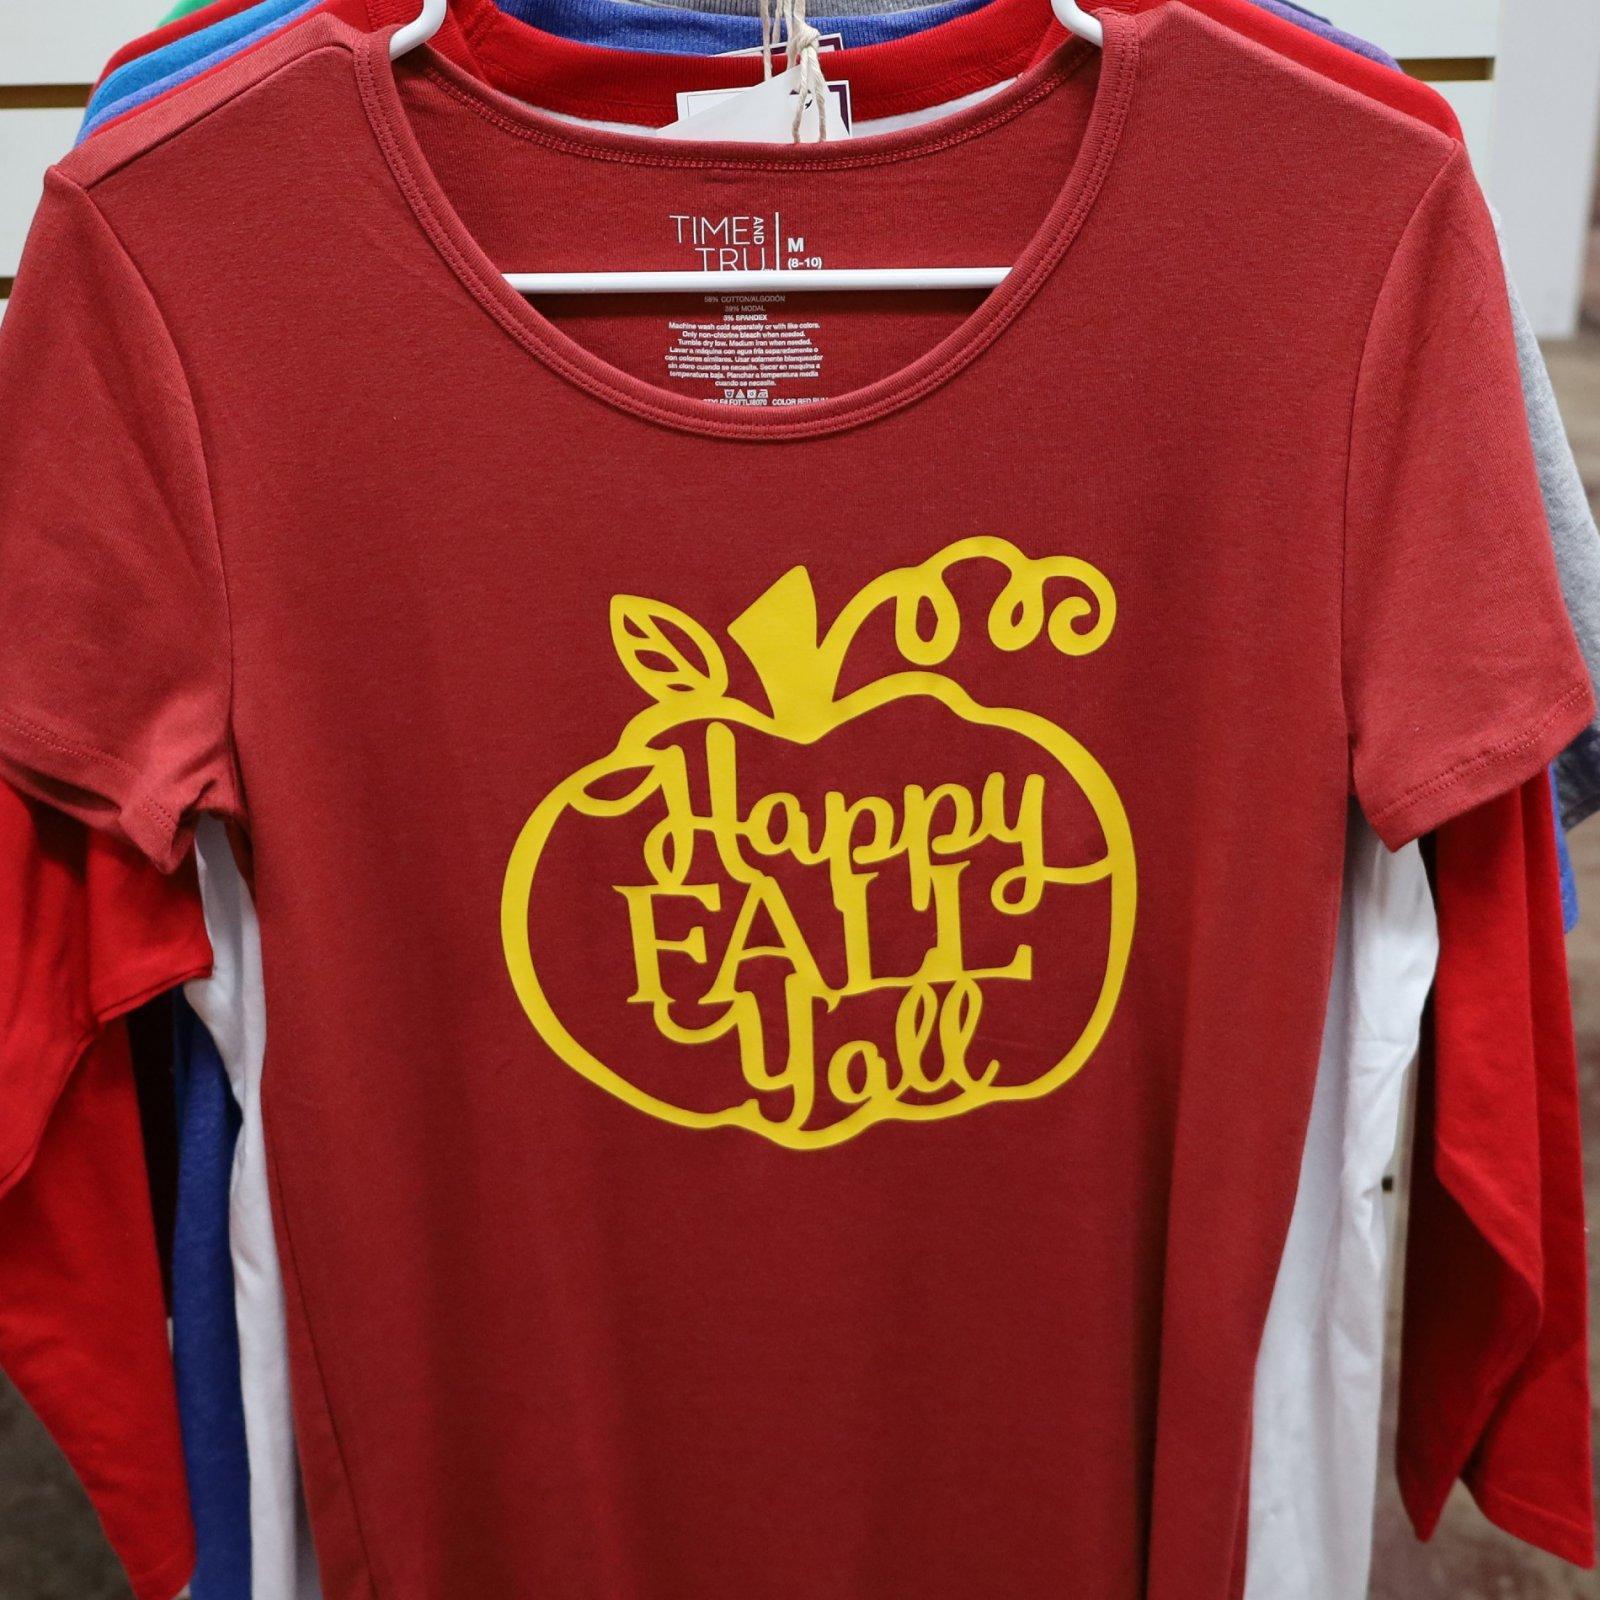 M - Happy Fall Yall